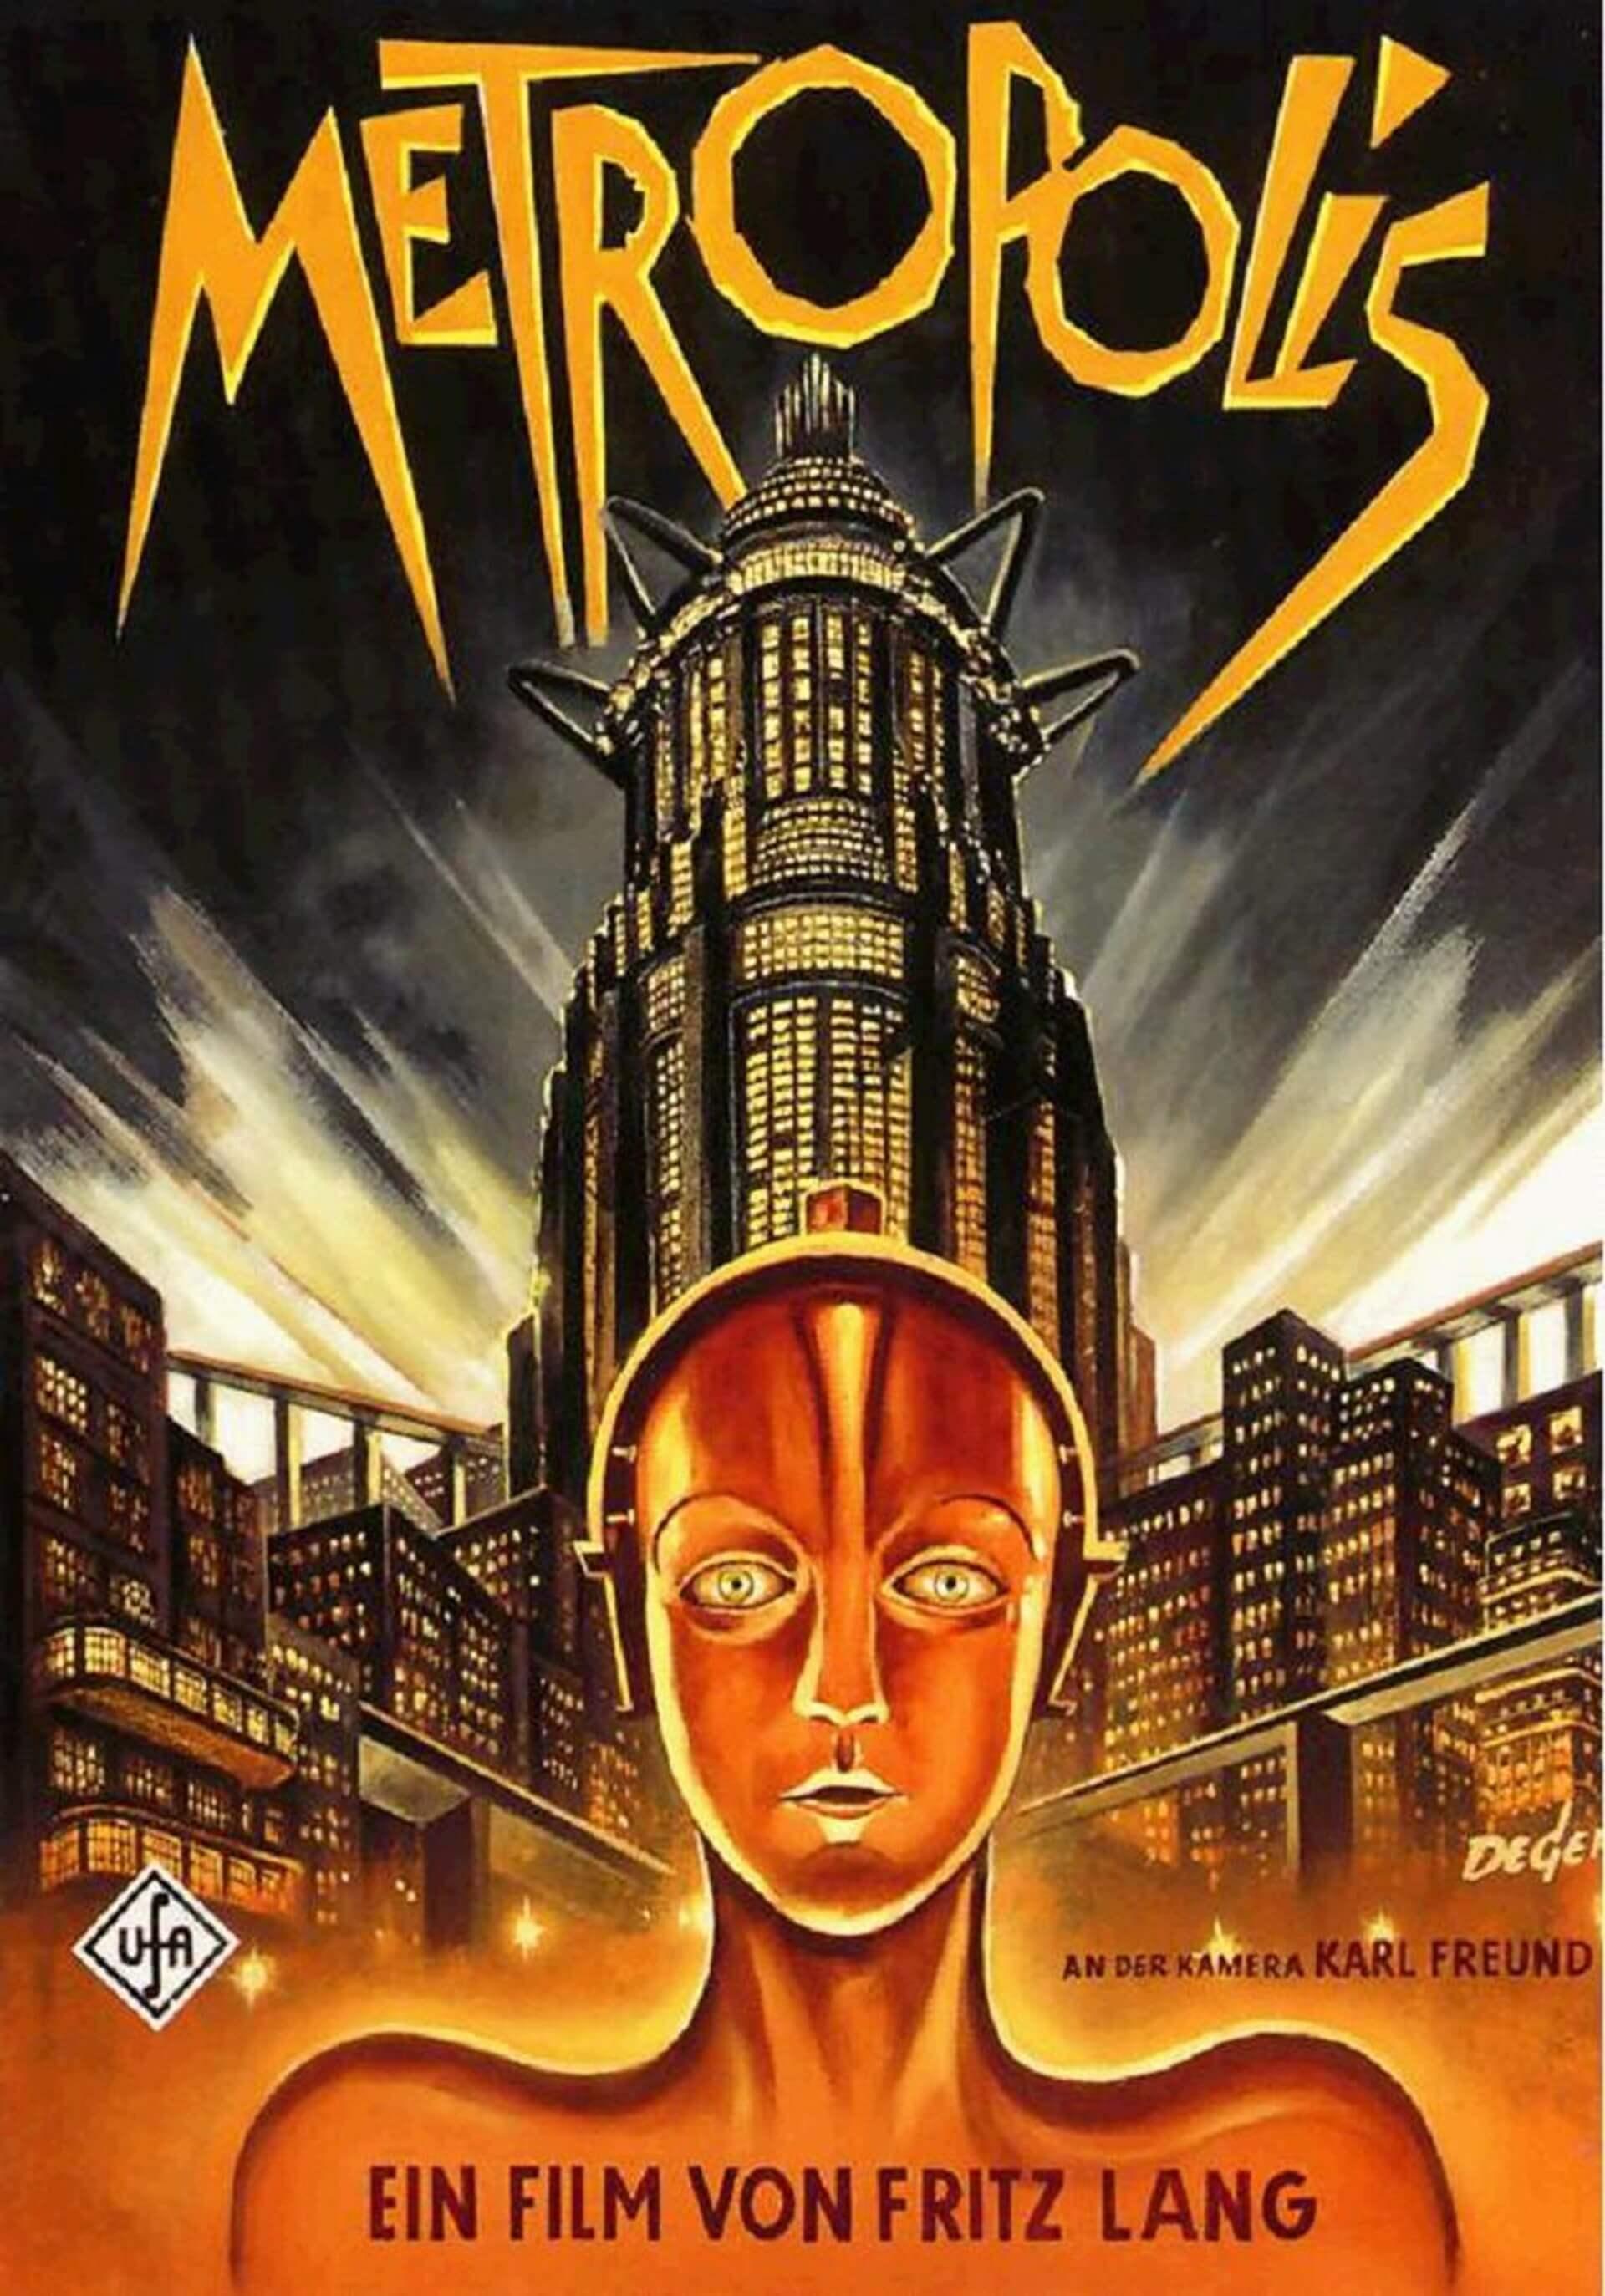 Póster de la película de Metropolis